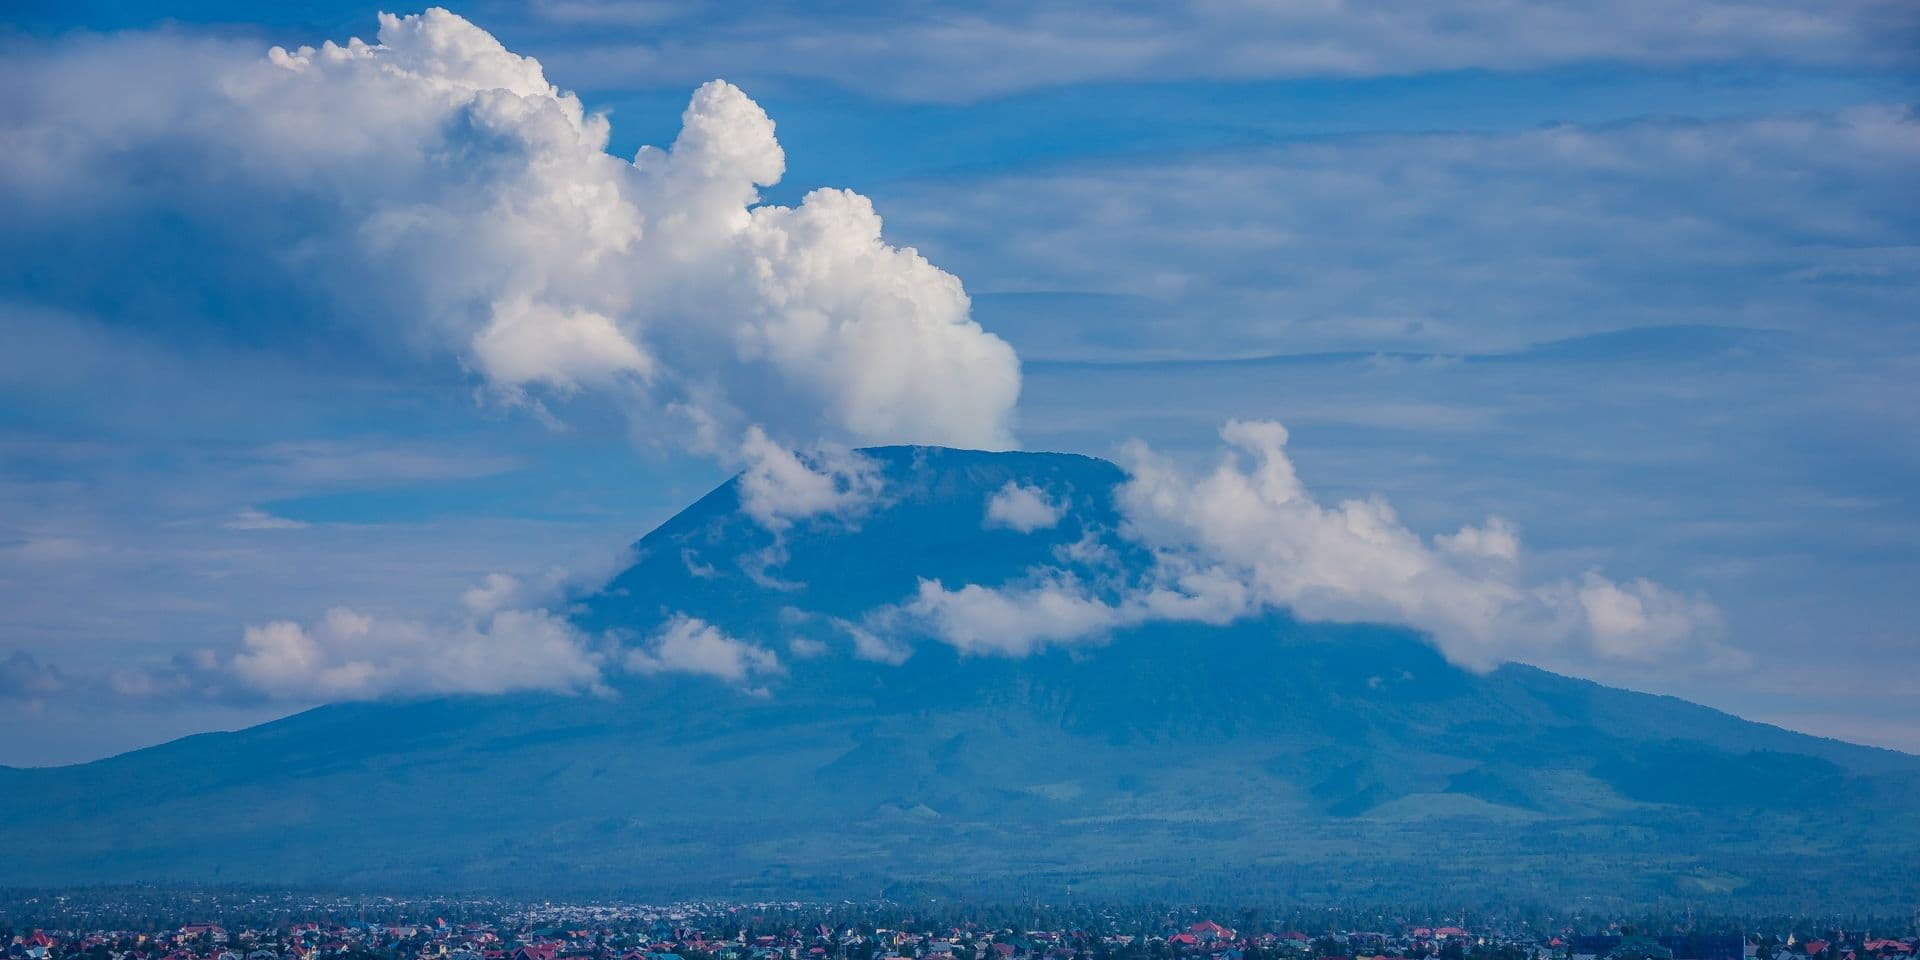 RDC : Le célèbre volcan Nyiragongo près de la ville de Goma est entré en éruption, un ordre d'évacuation a été lancé !